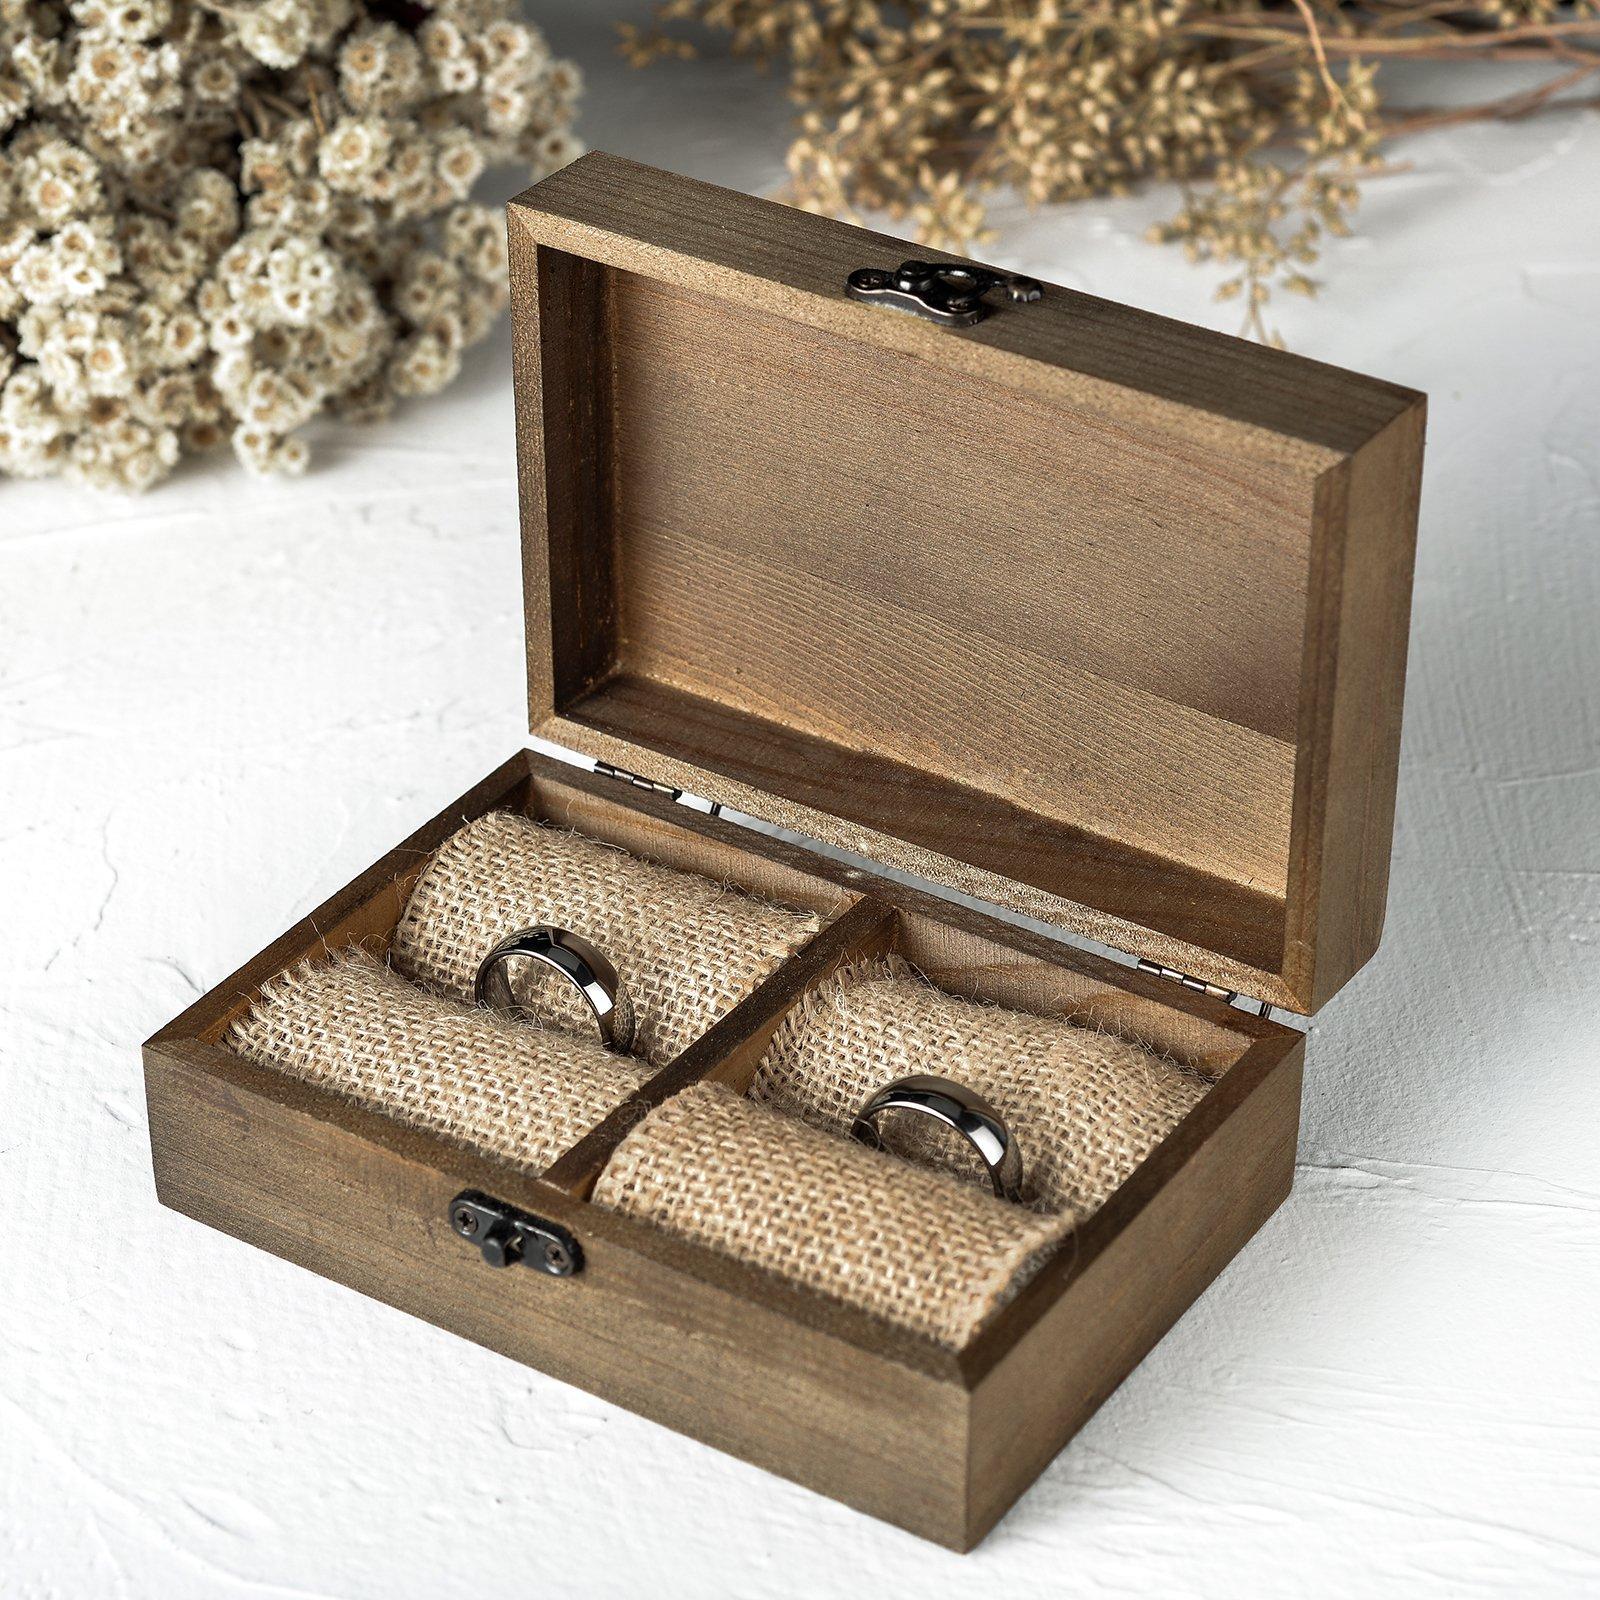 AW boda rústico anillo caja titular de madera anillo soporte joyas caja (favor regalo: Amazon.es: Hogar